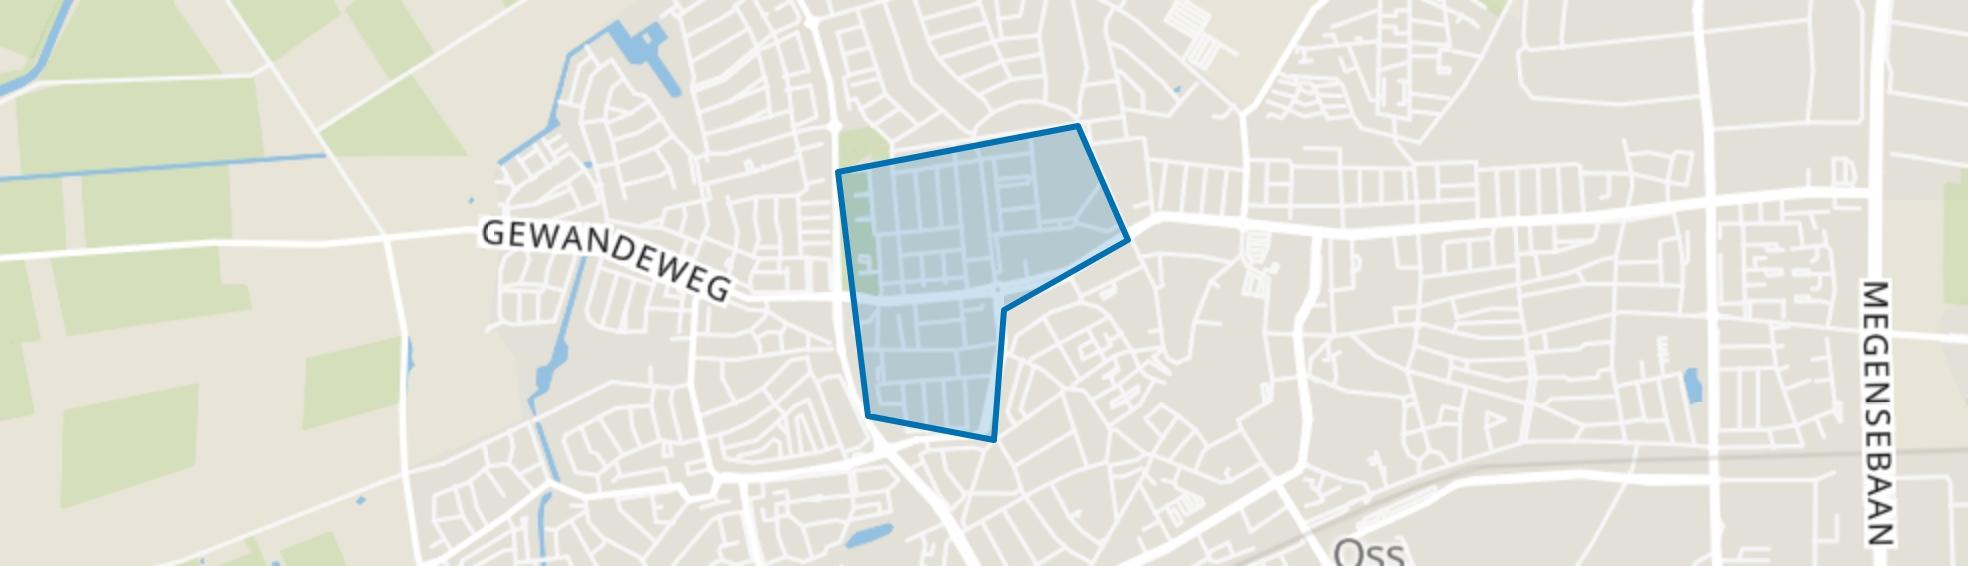 Hertogenbuurt, Oss map